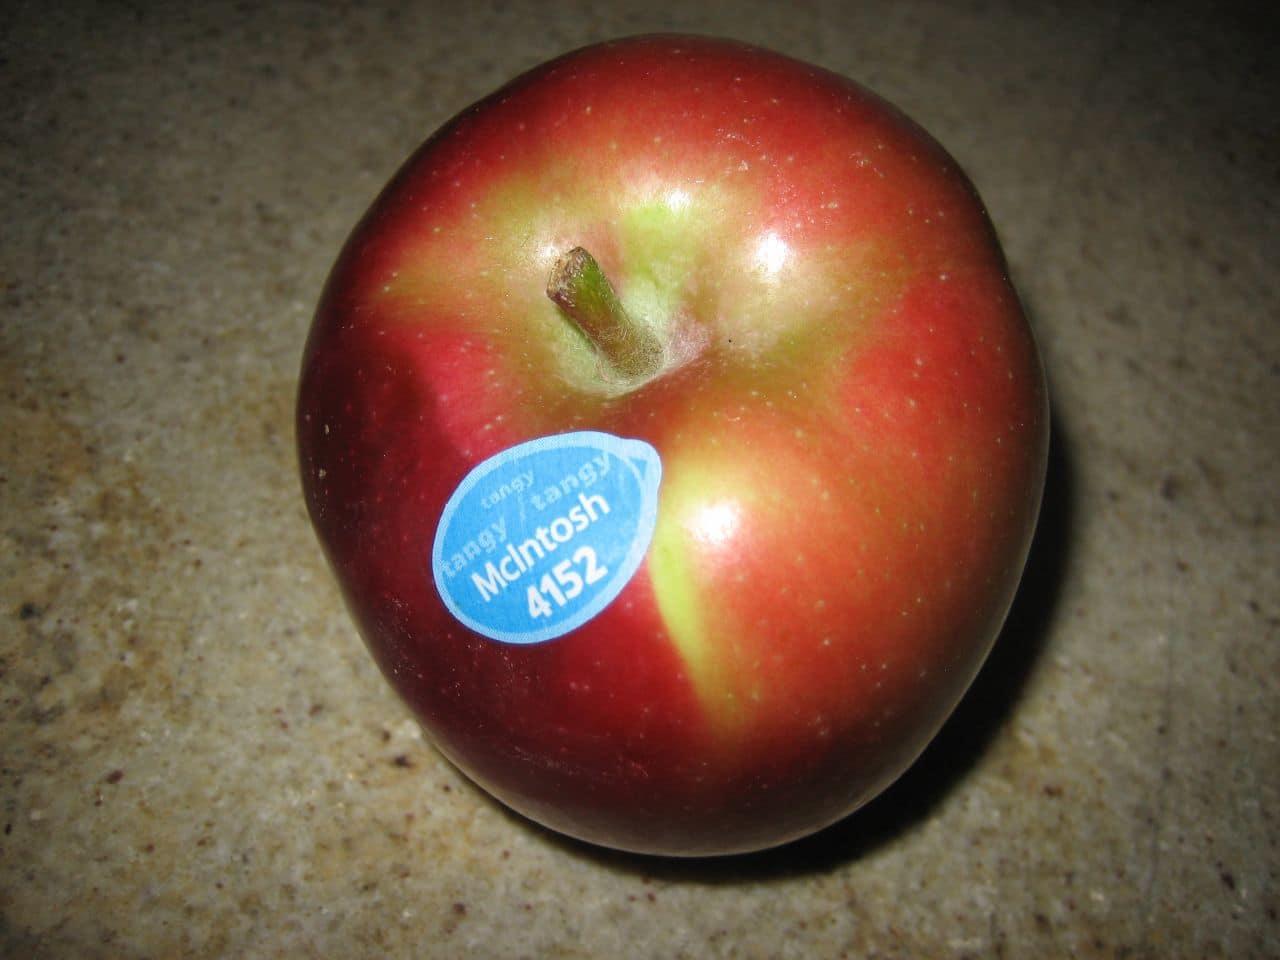 A McIntosh apple.